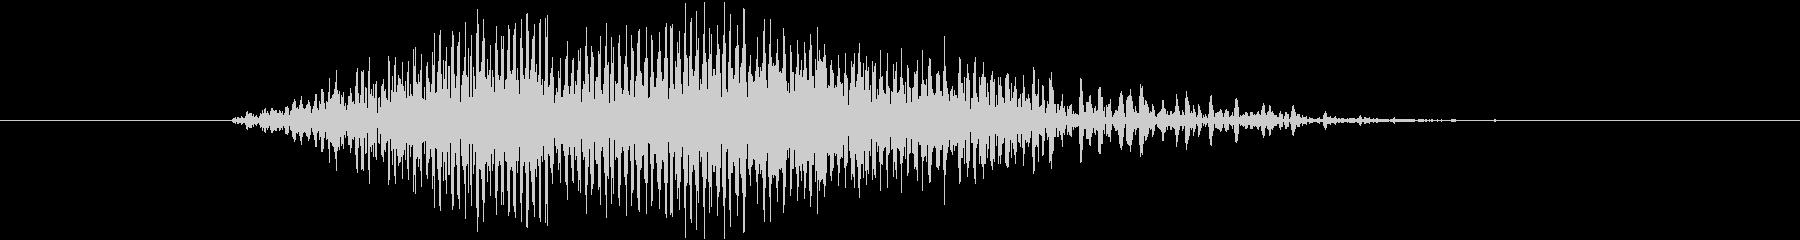 鳴き声 男性コンバットヒットハード13の未再生の波形